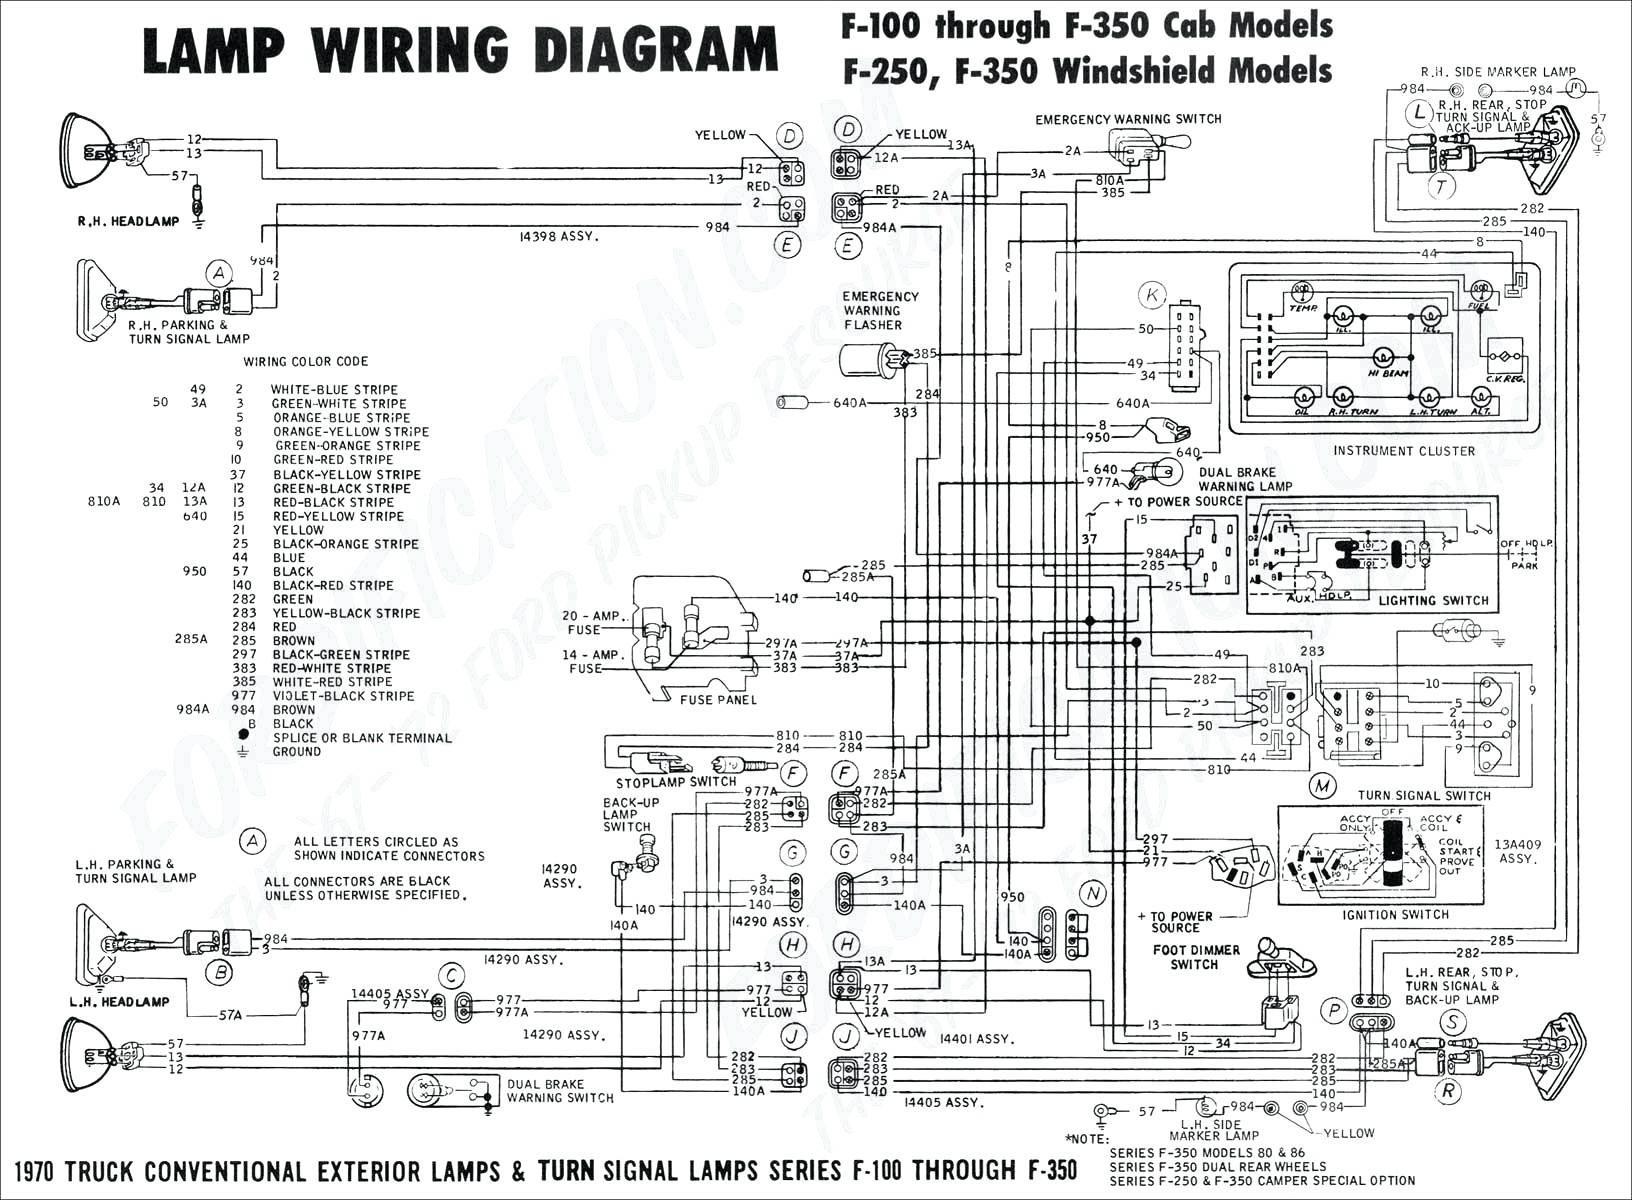 1986 ford f150 engine wiring diagram 1986 ford f150 engine